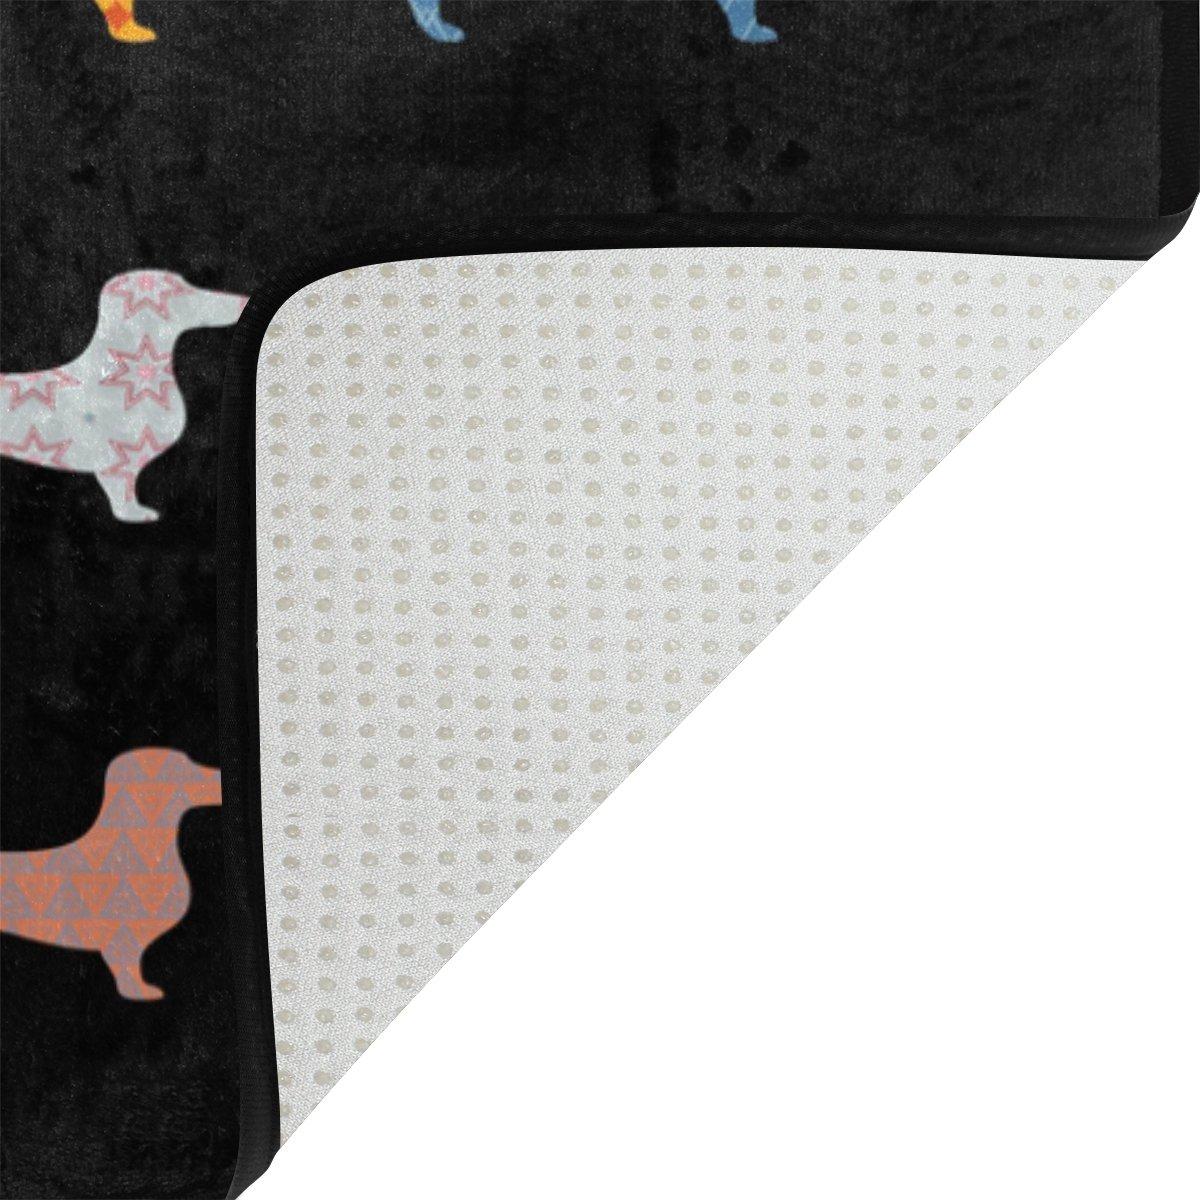 Use7/Noir Teckel Chiot Paillasson dentr/ée int/érieur ext/érieur Tapis de Sol de Salle de Bain 60/x 40/cm